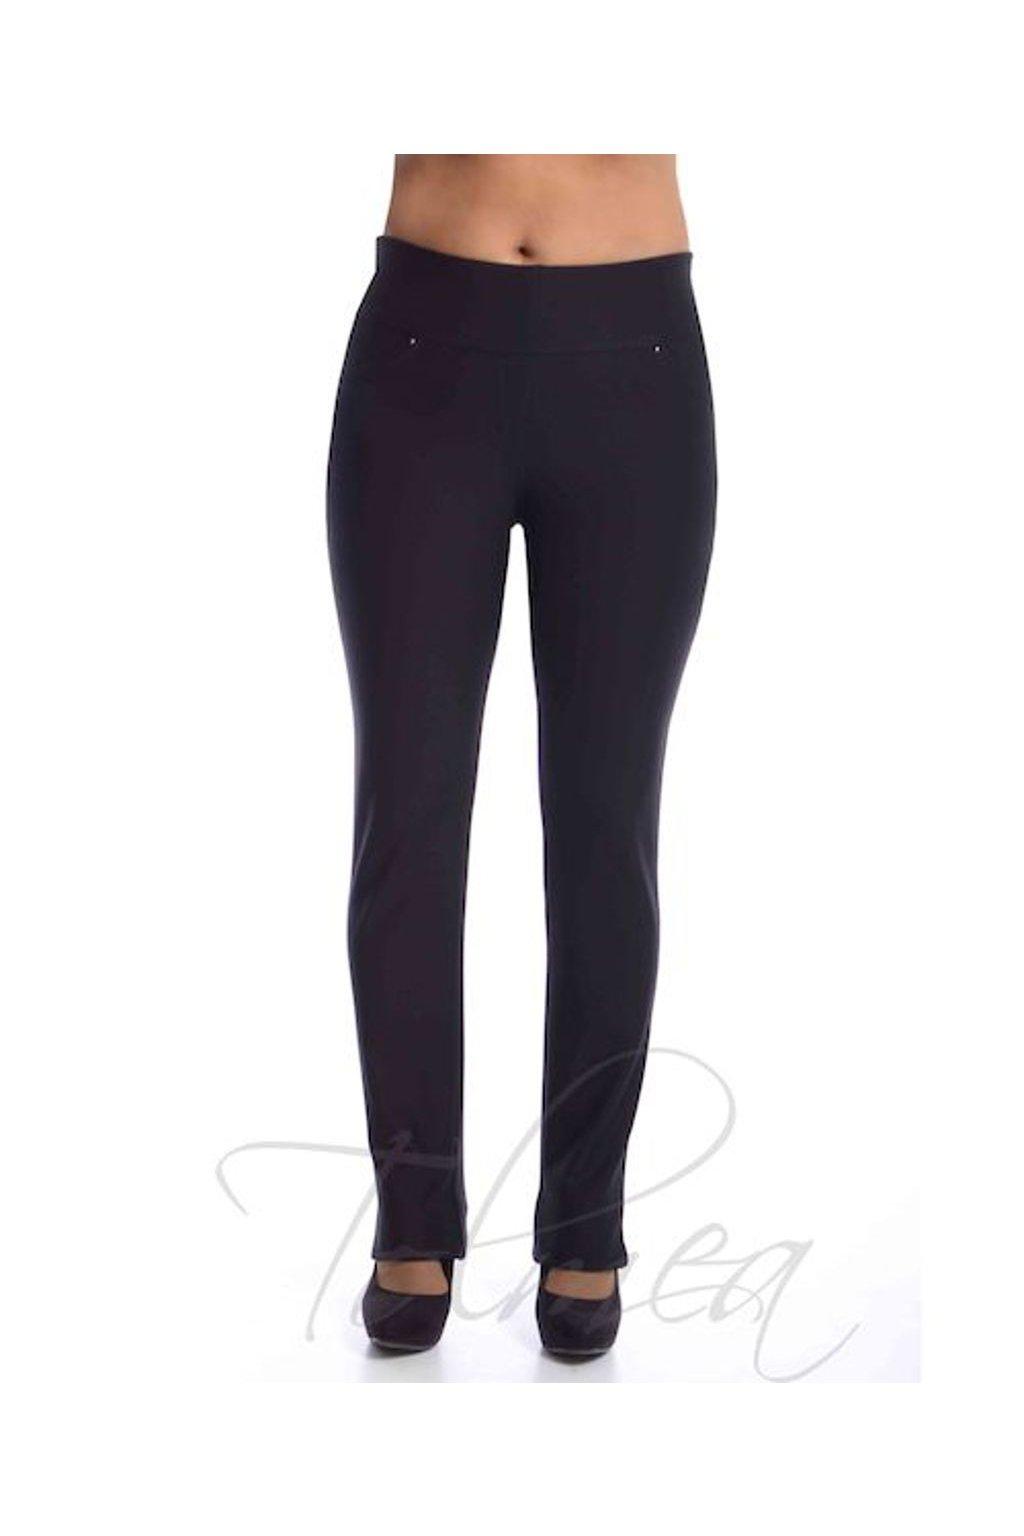 Kalhoty deluxe vysoký pas 50T černá (Velikost 36, Barva Černá)